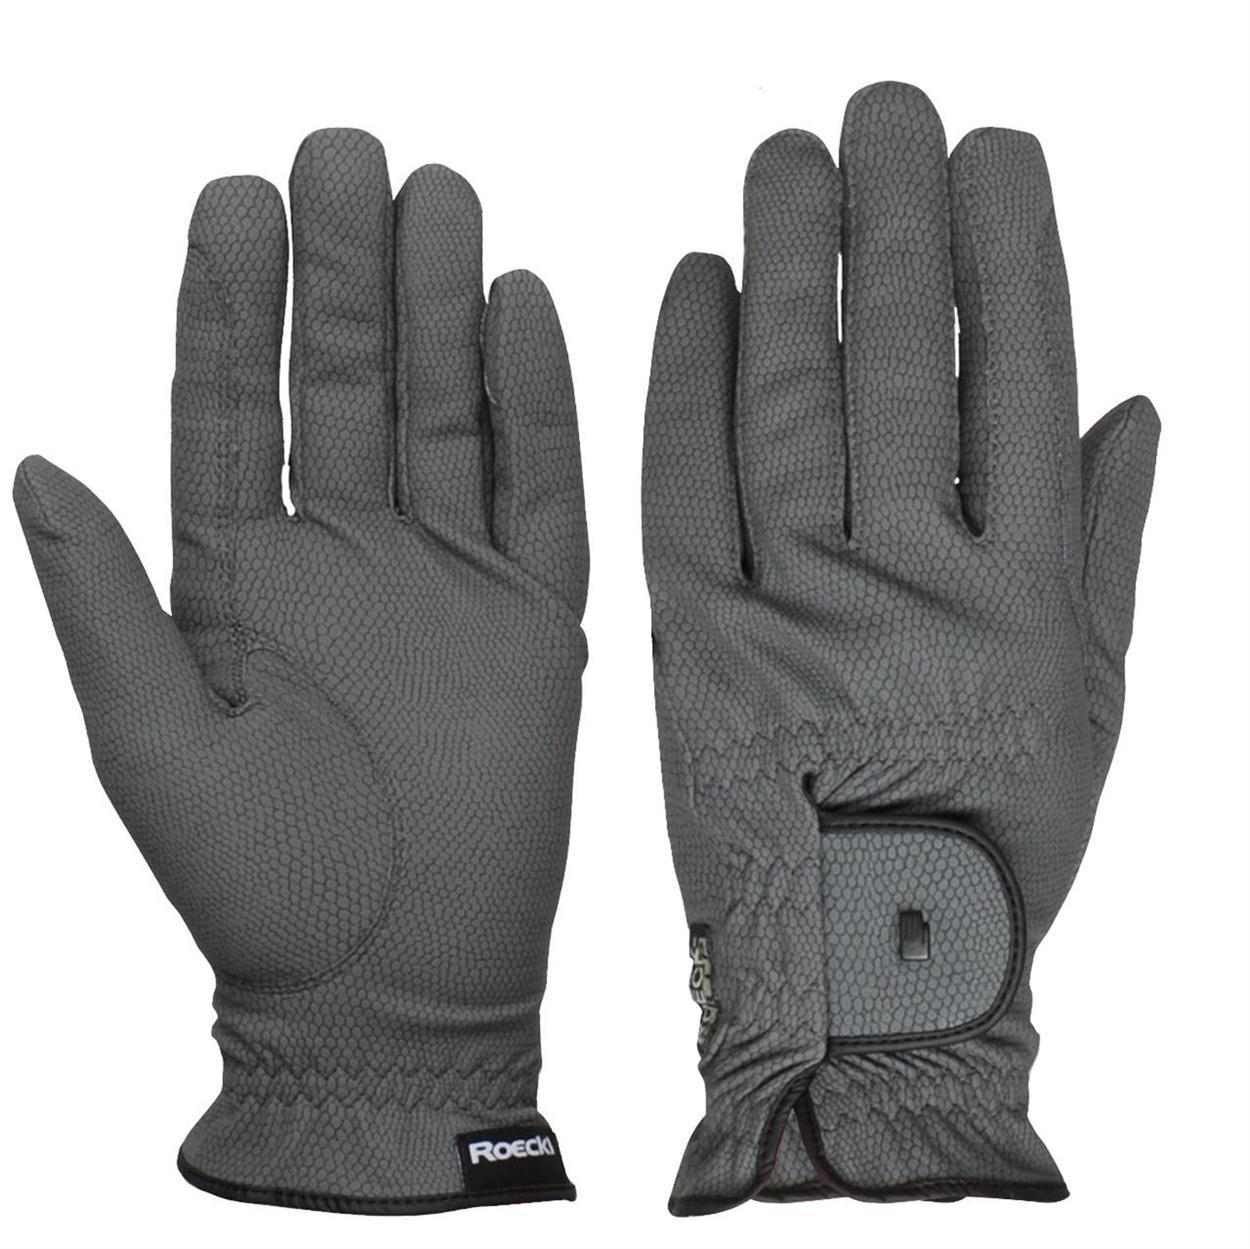 Roeckl Roeck grip Handschoen grijs maat:9,5